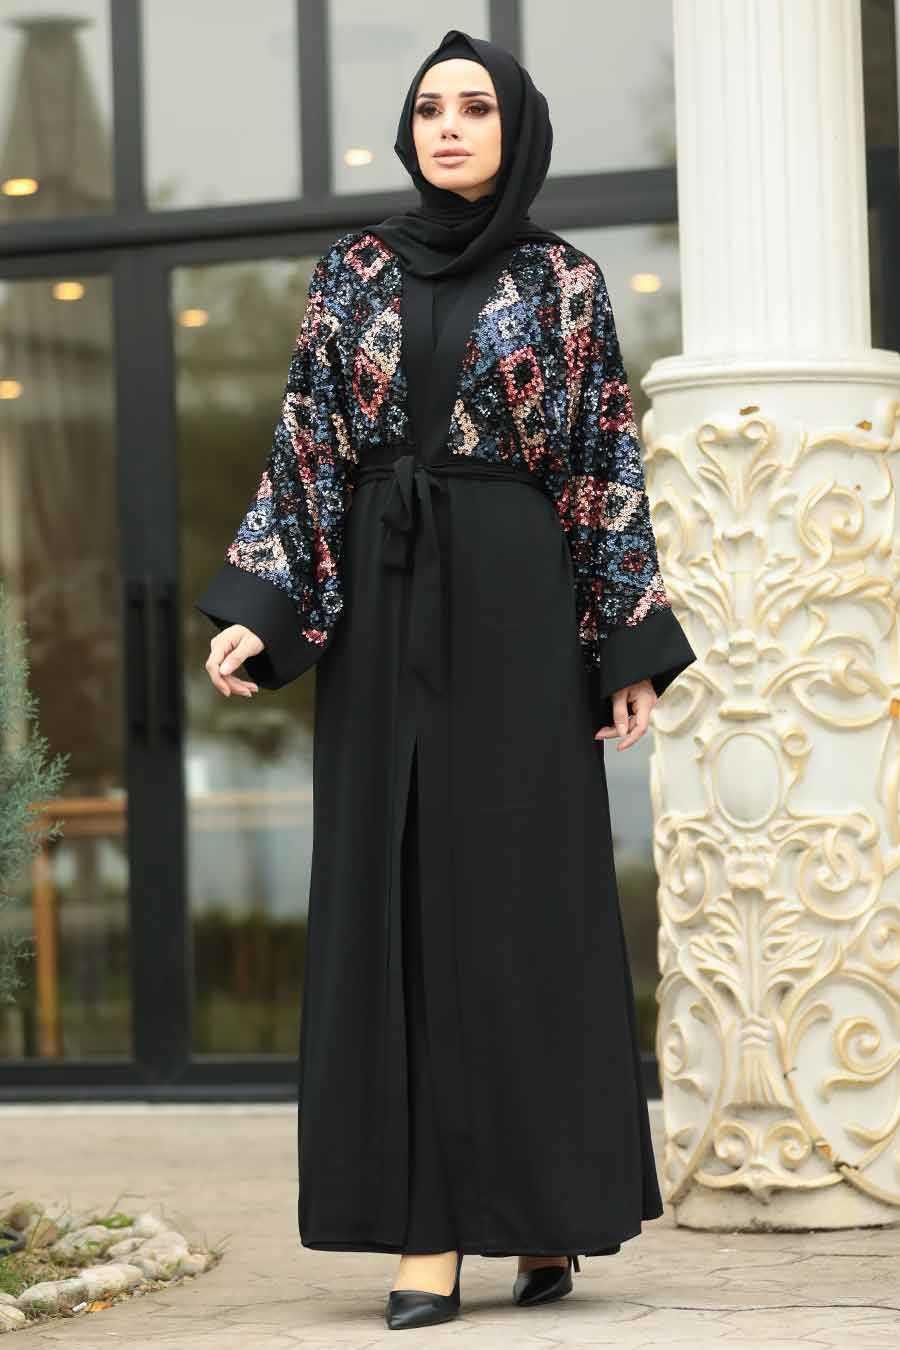 Neva Style Tesettür Renkli Pullu Abaya Modelleri